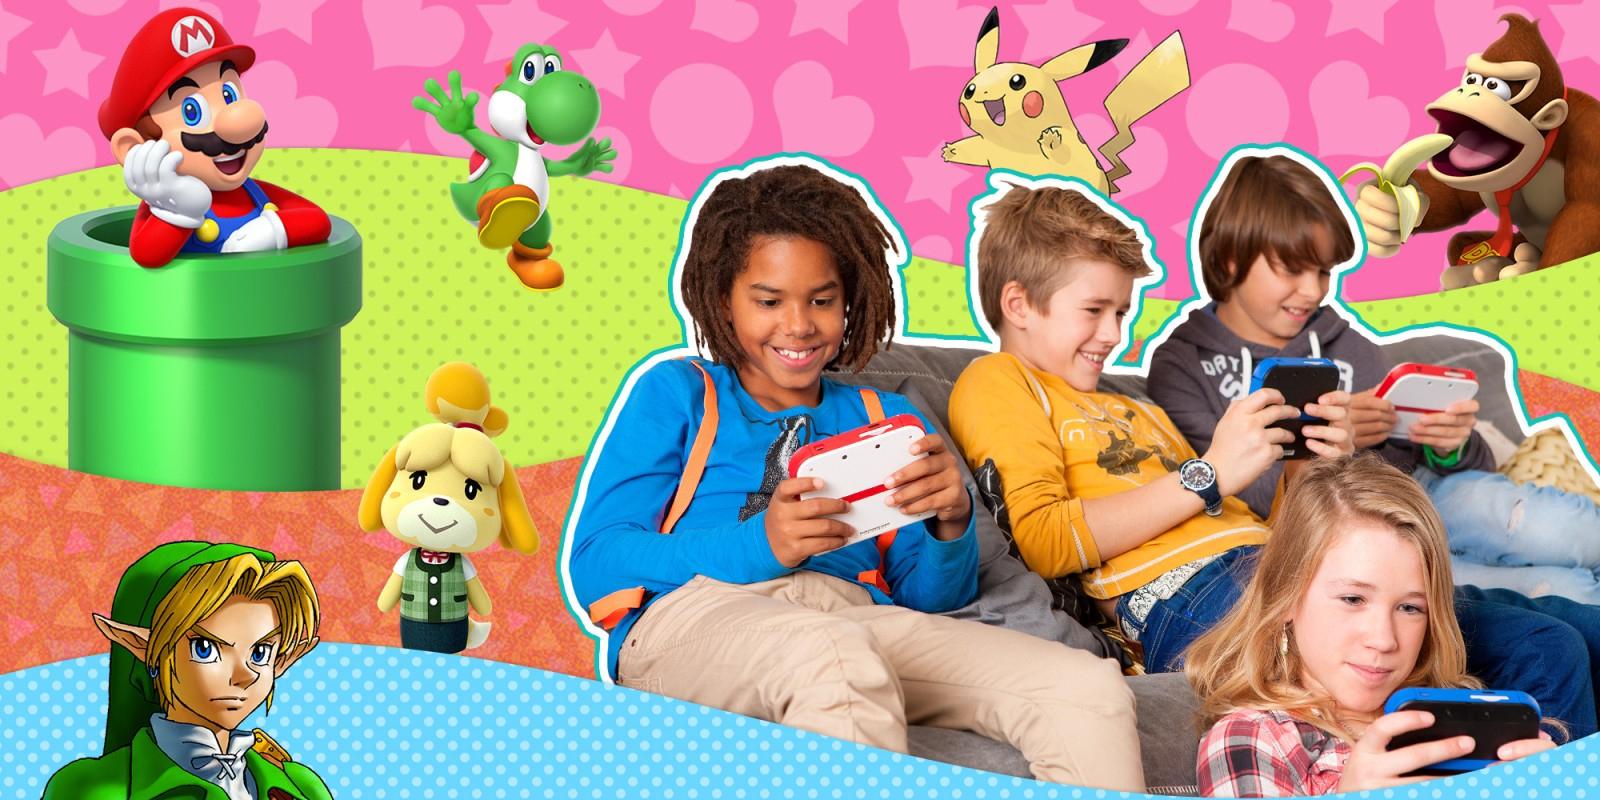 Jeux Nintendo Pour Les Enfants   Nintendo avec Tous Les Jeux Gratuits Pour Filles